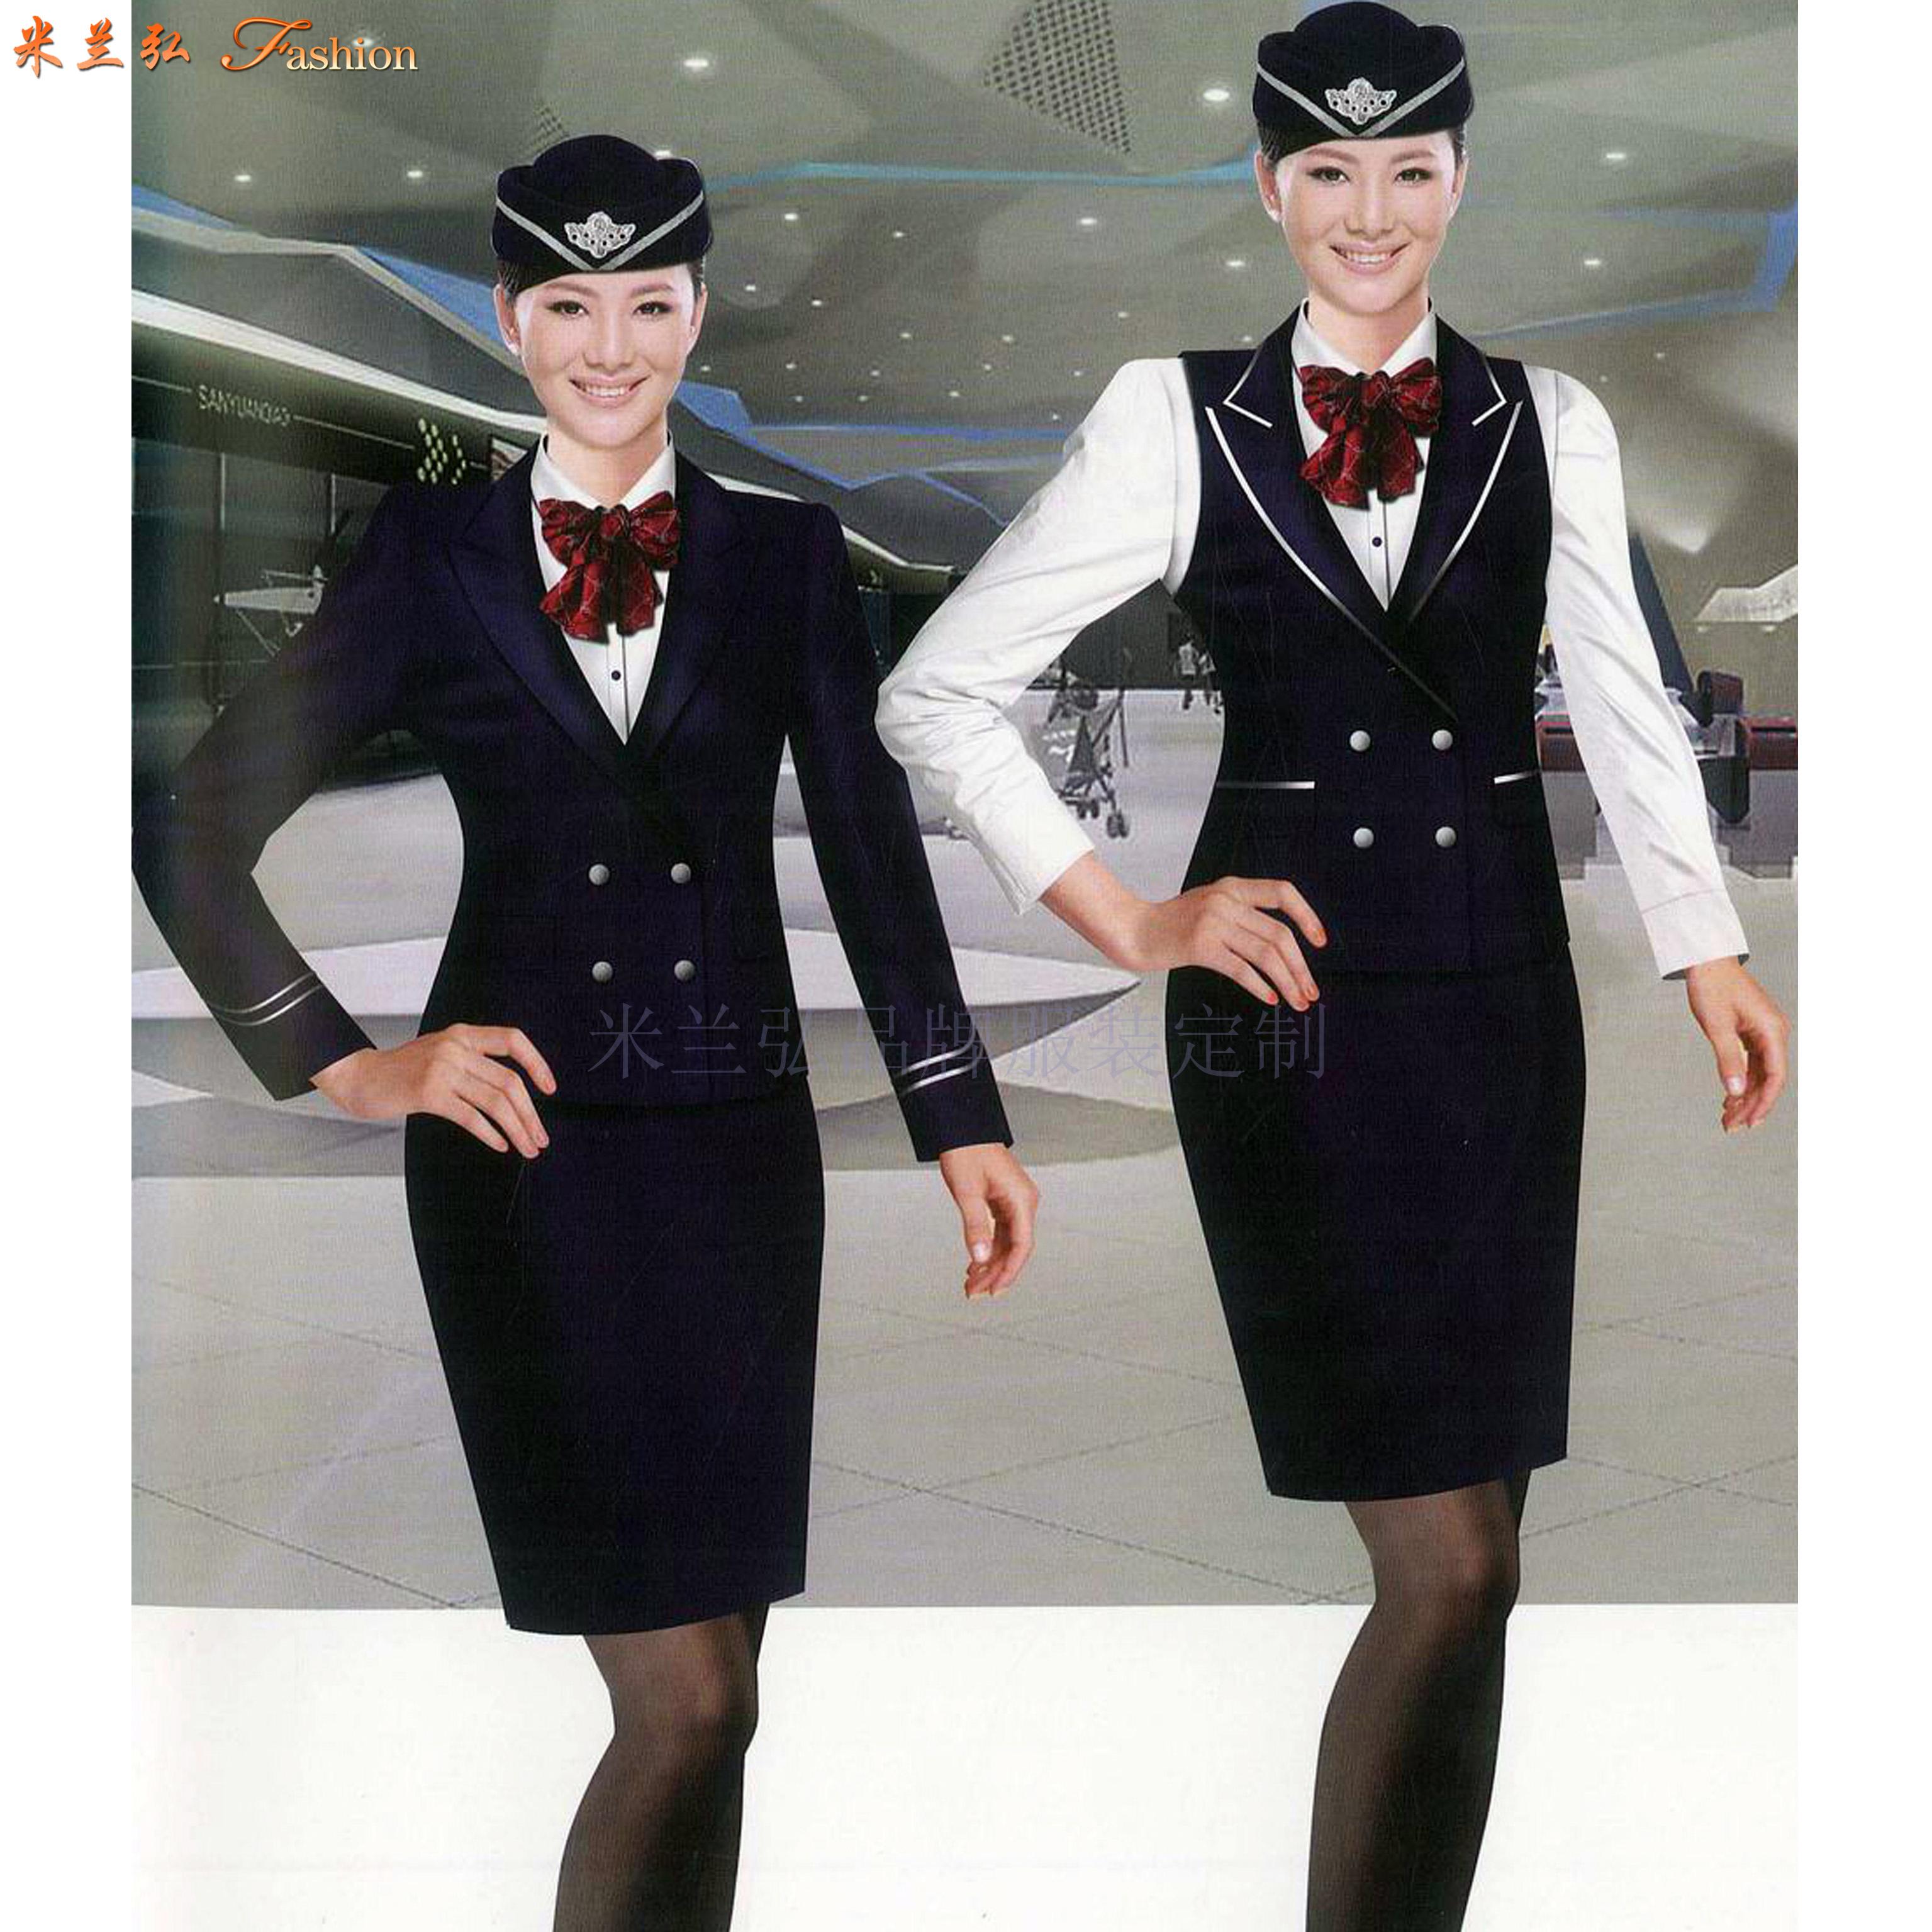 「空姐服装春秋款」贵州专业量身定制空姐服的公司-米兰弘服装-6